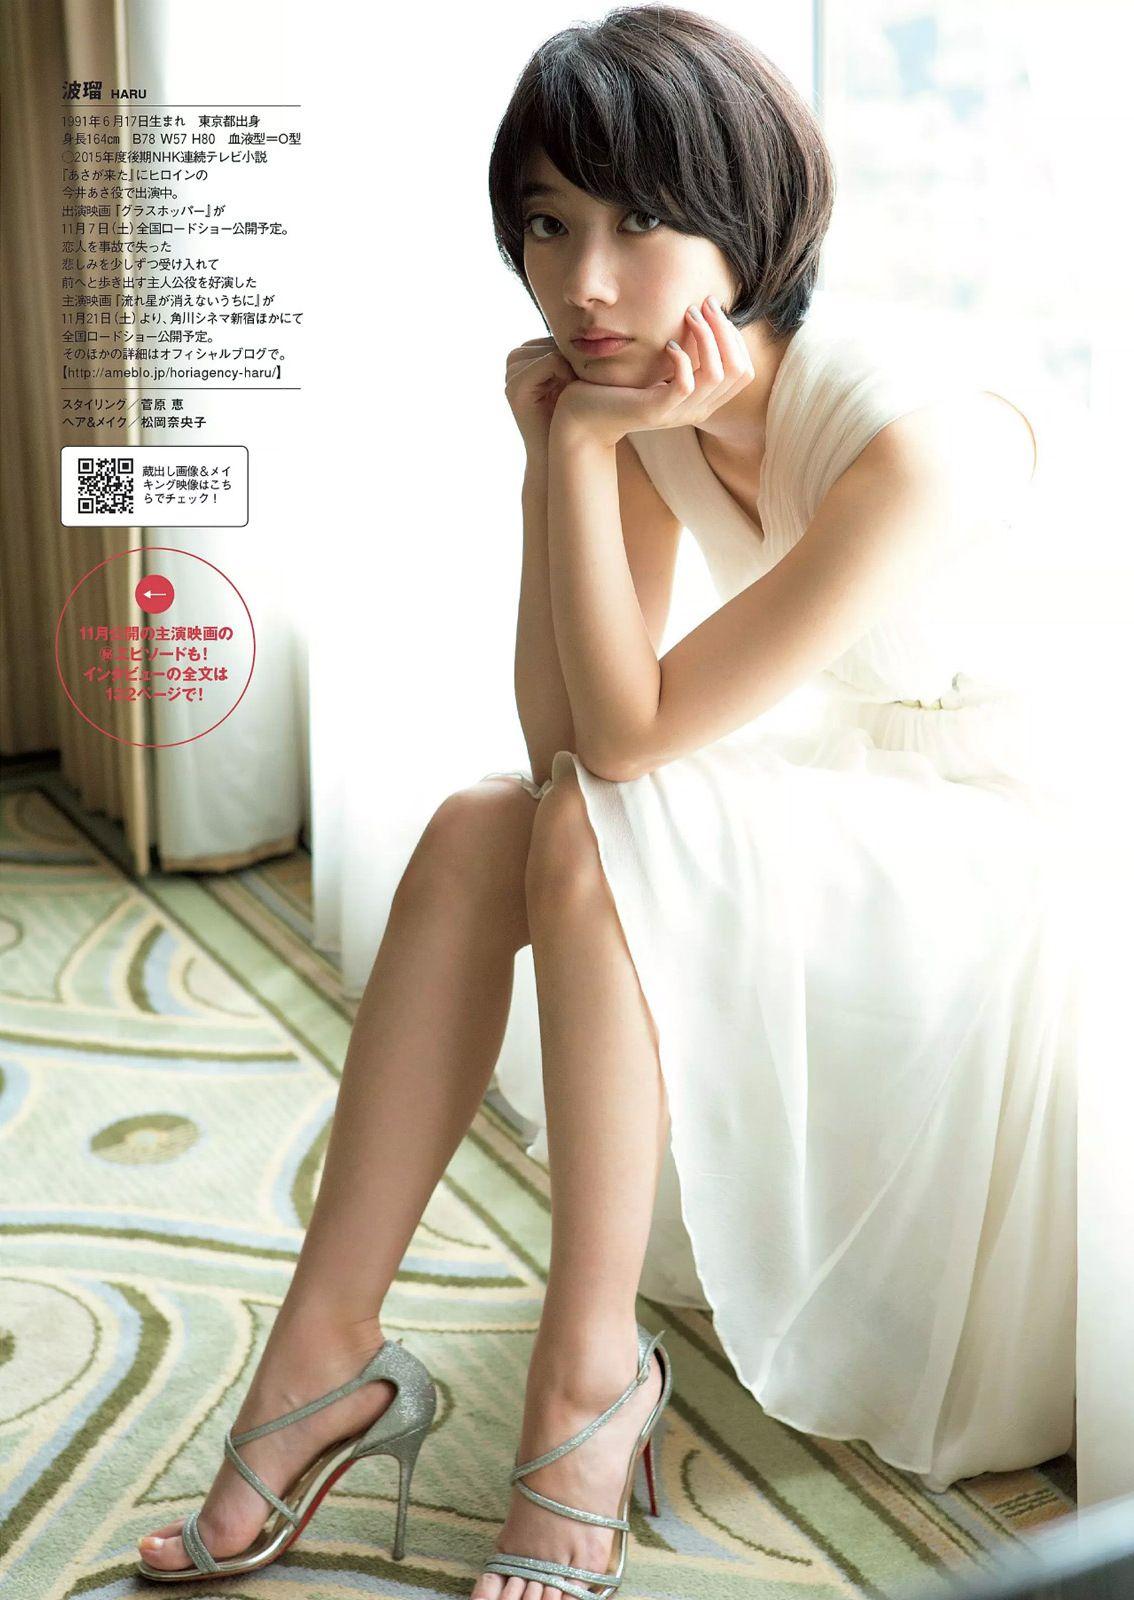 波瑠haru nice faces pinterest nice face